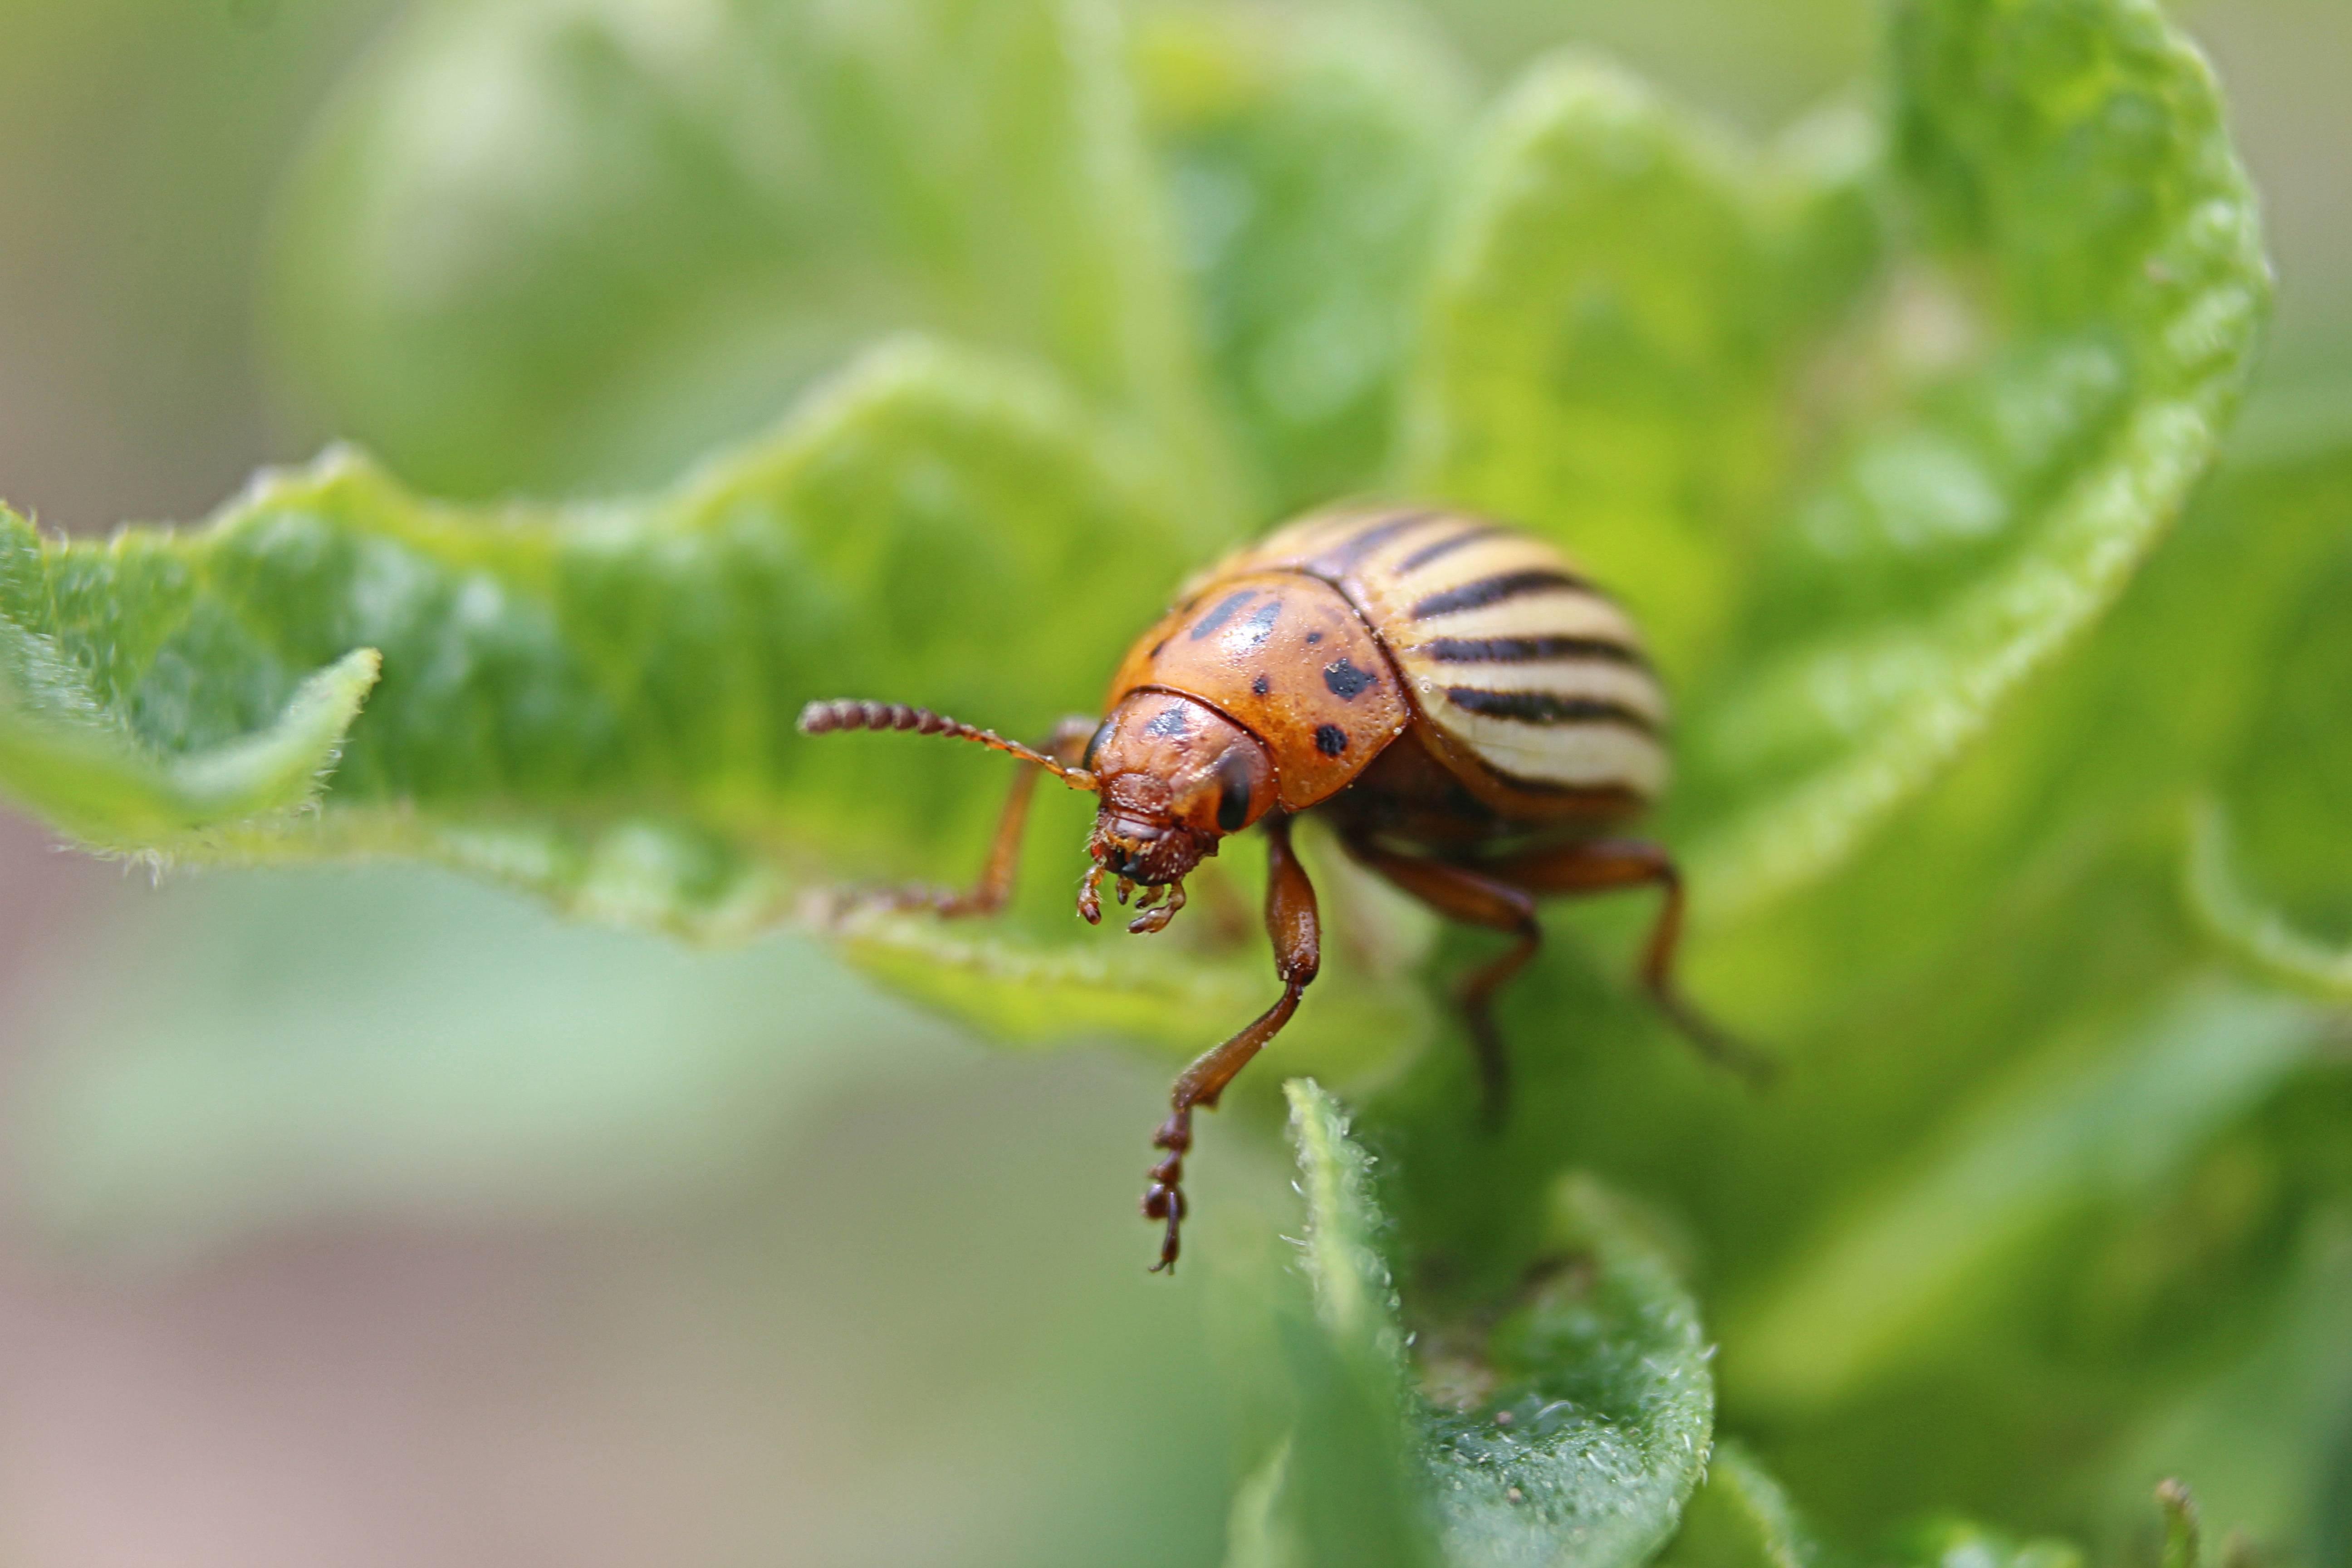 Колорадский жук — откуда взялся в россии?